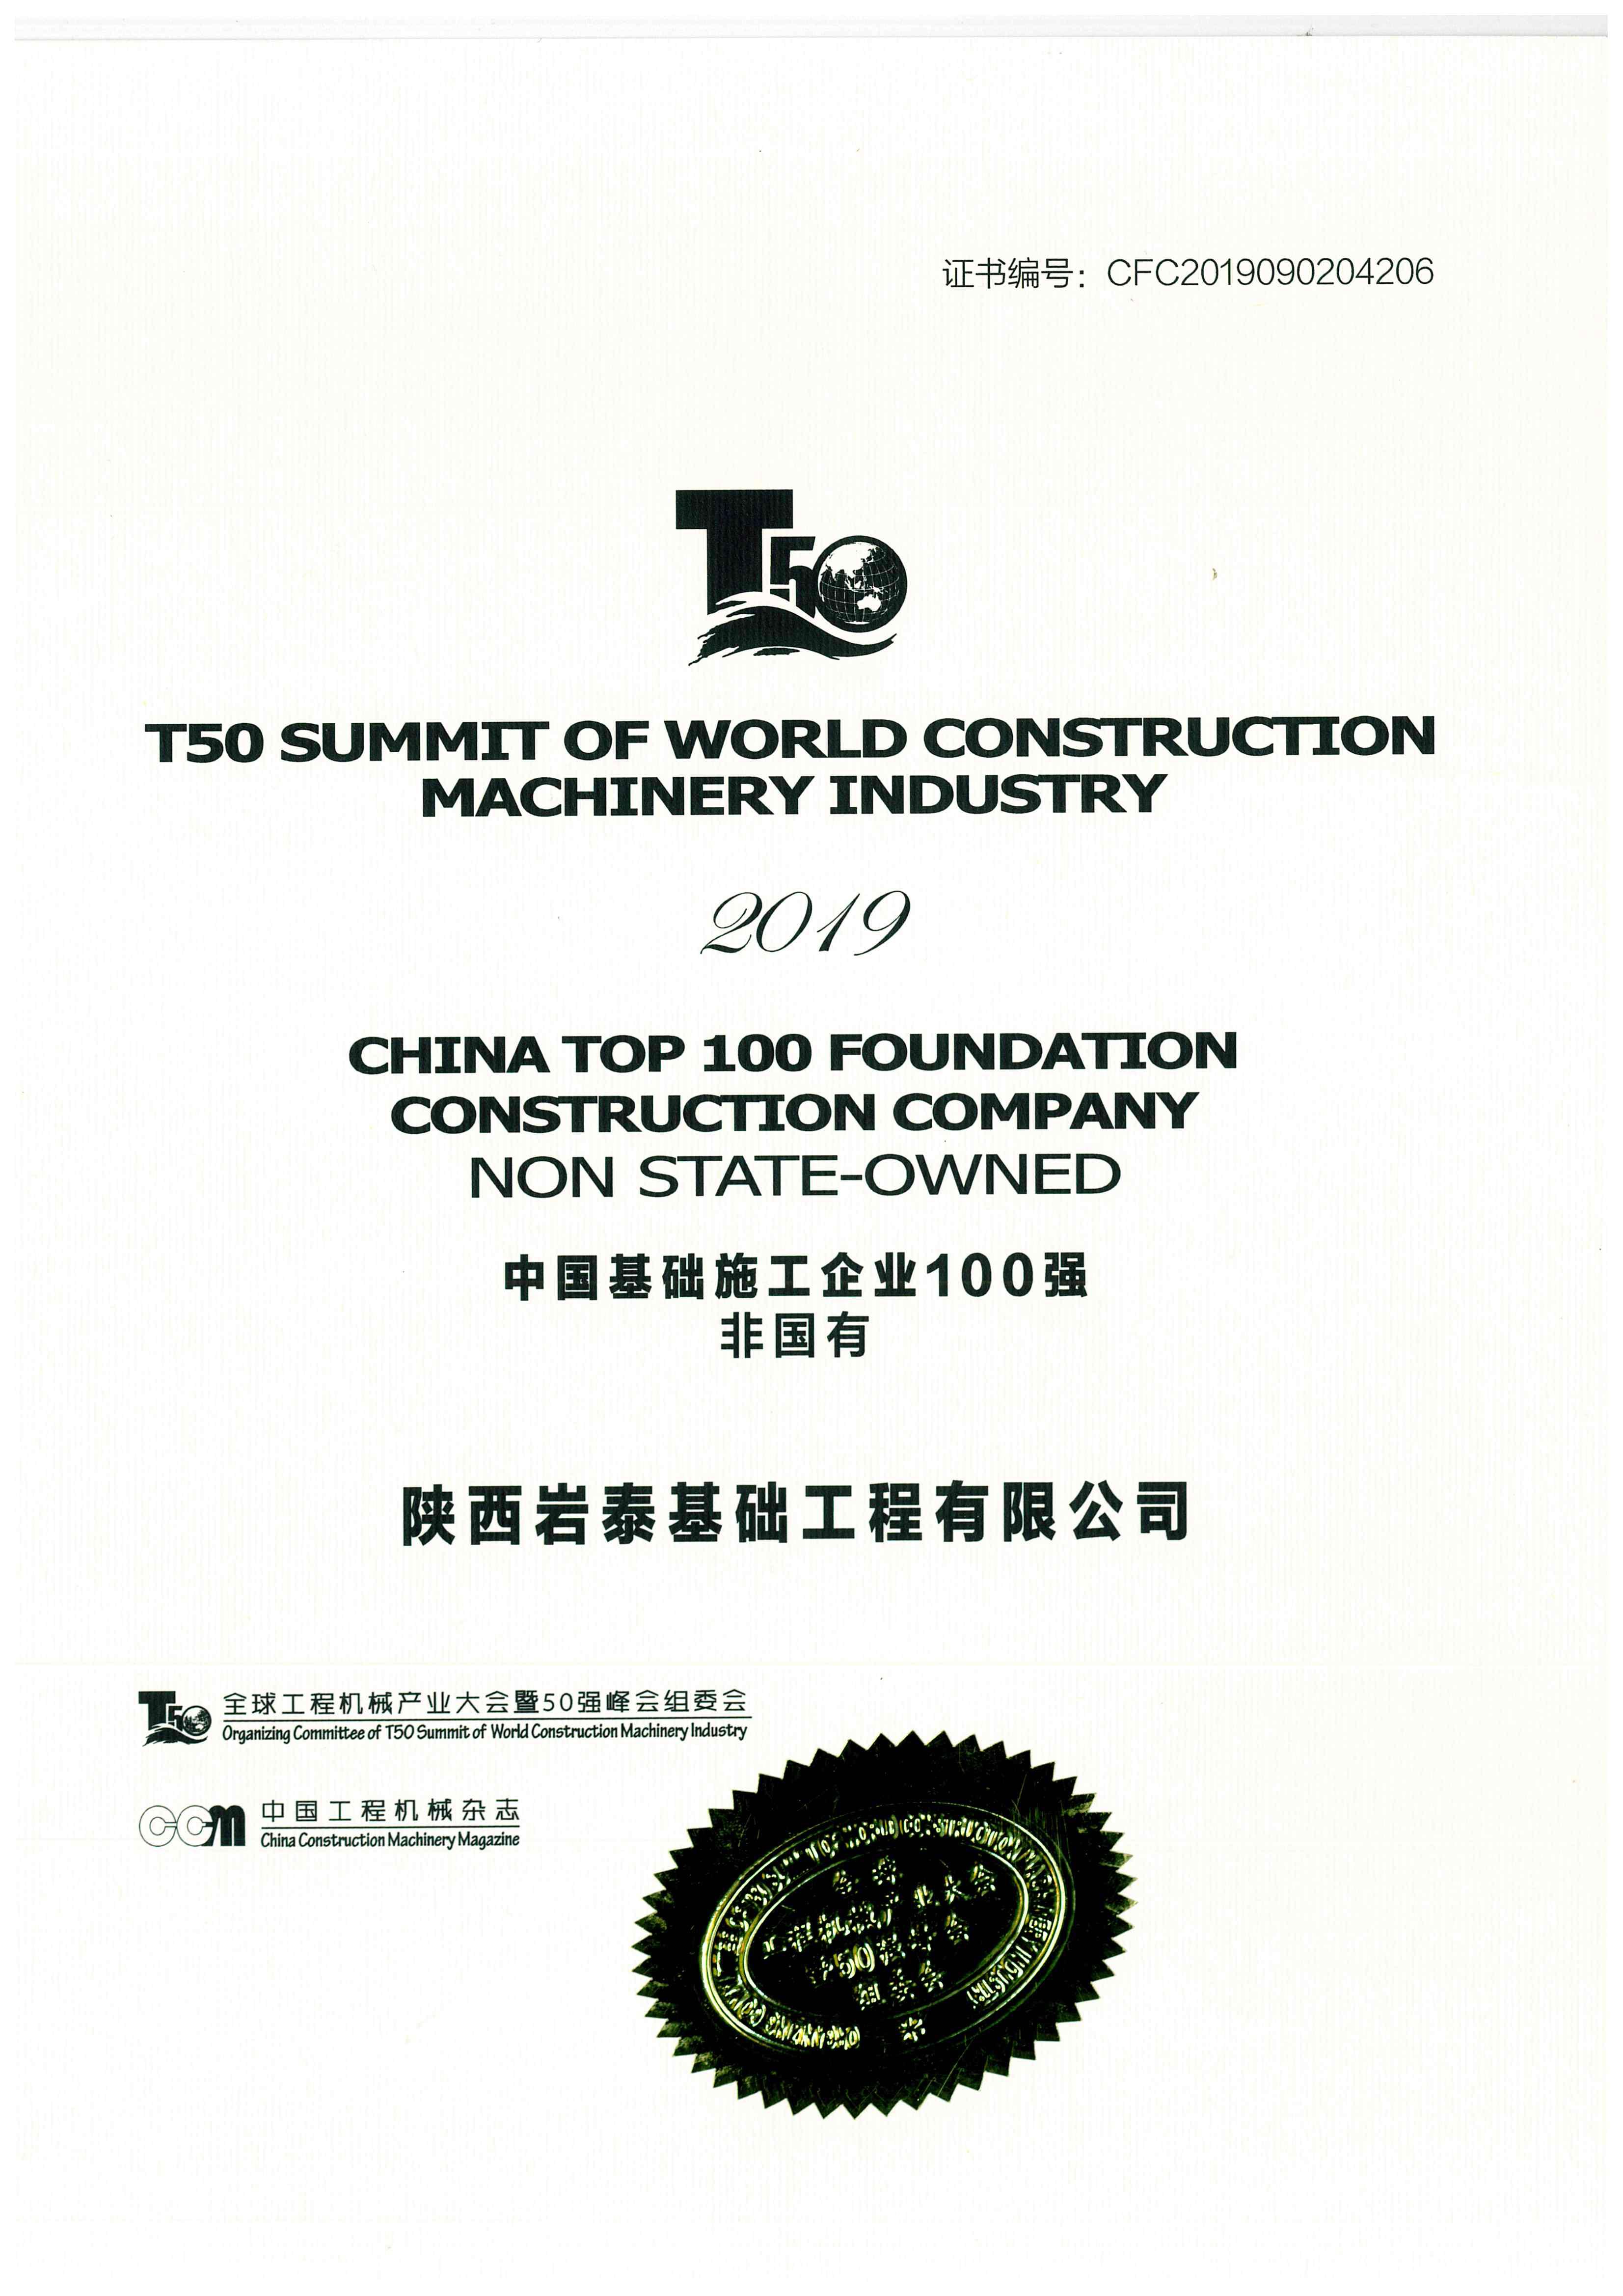 陕西岩泰荣获中国基础施工企业百强